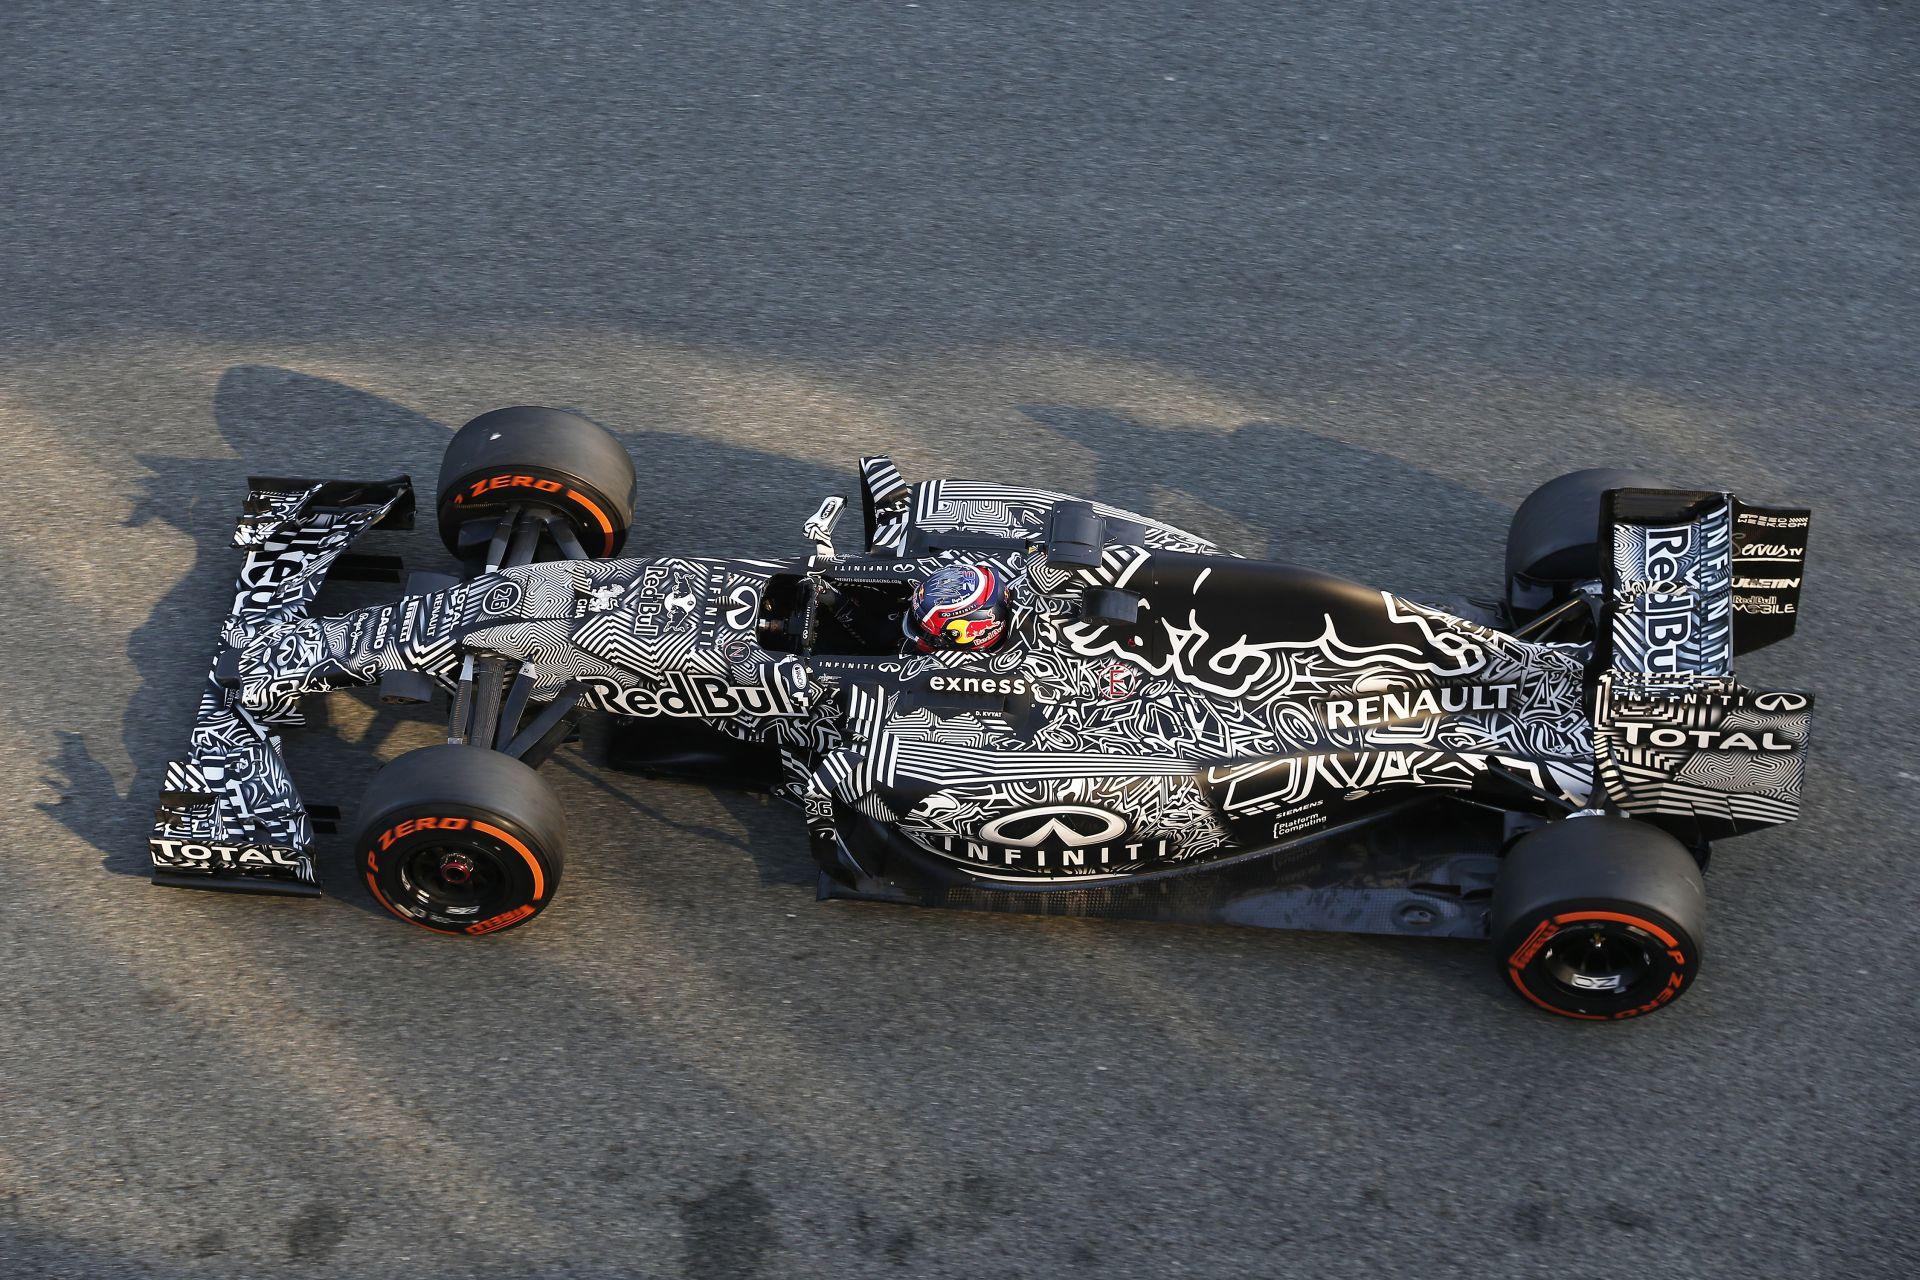 Kiderült, mikor leplezi le a Red Bull az új autófestését